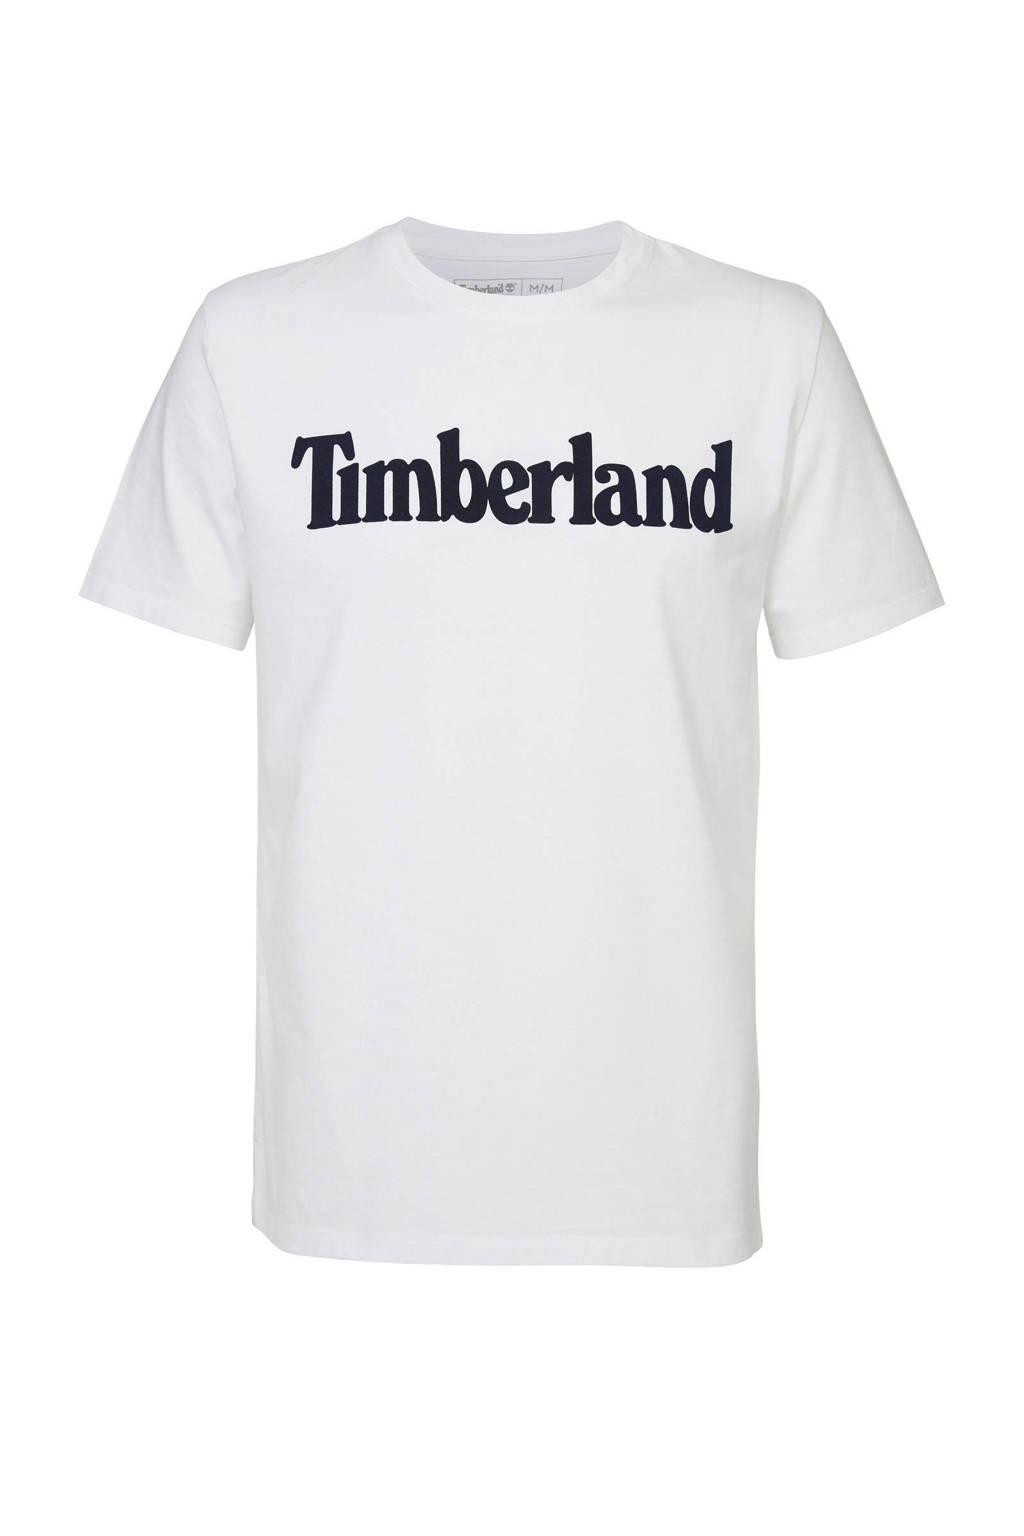 Timberland T-shirt met logo wit, Wit